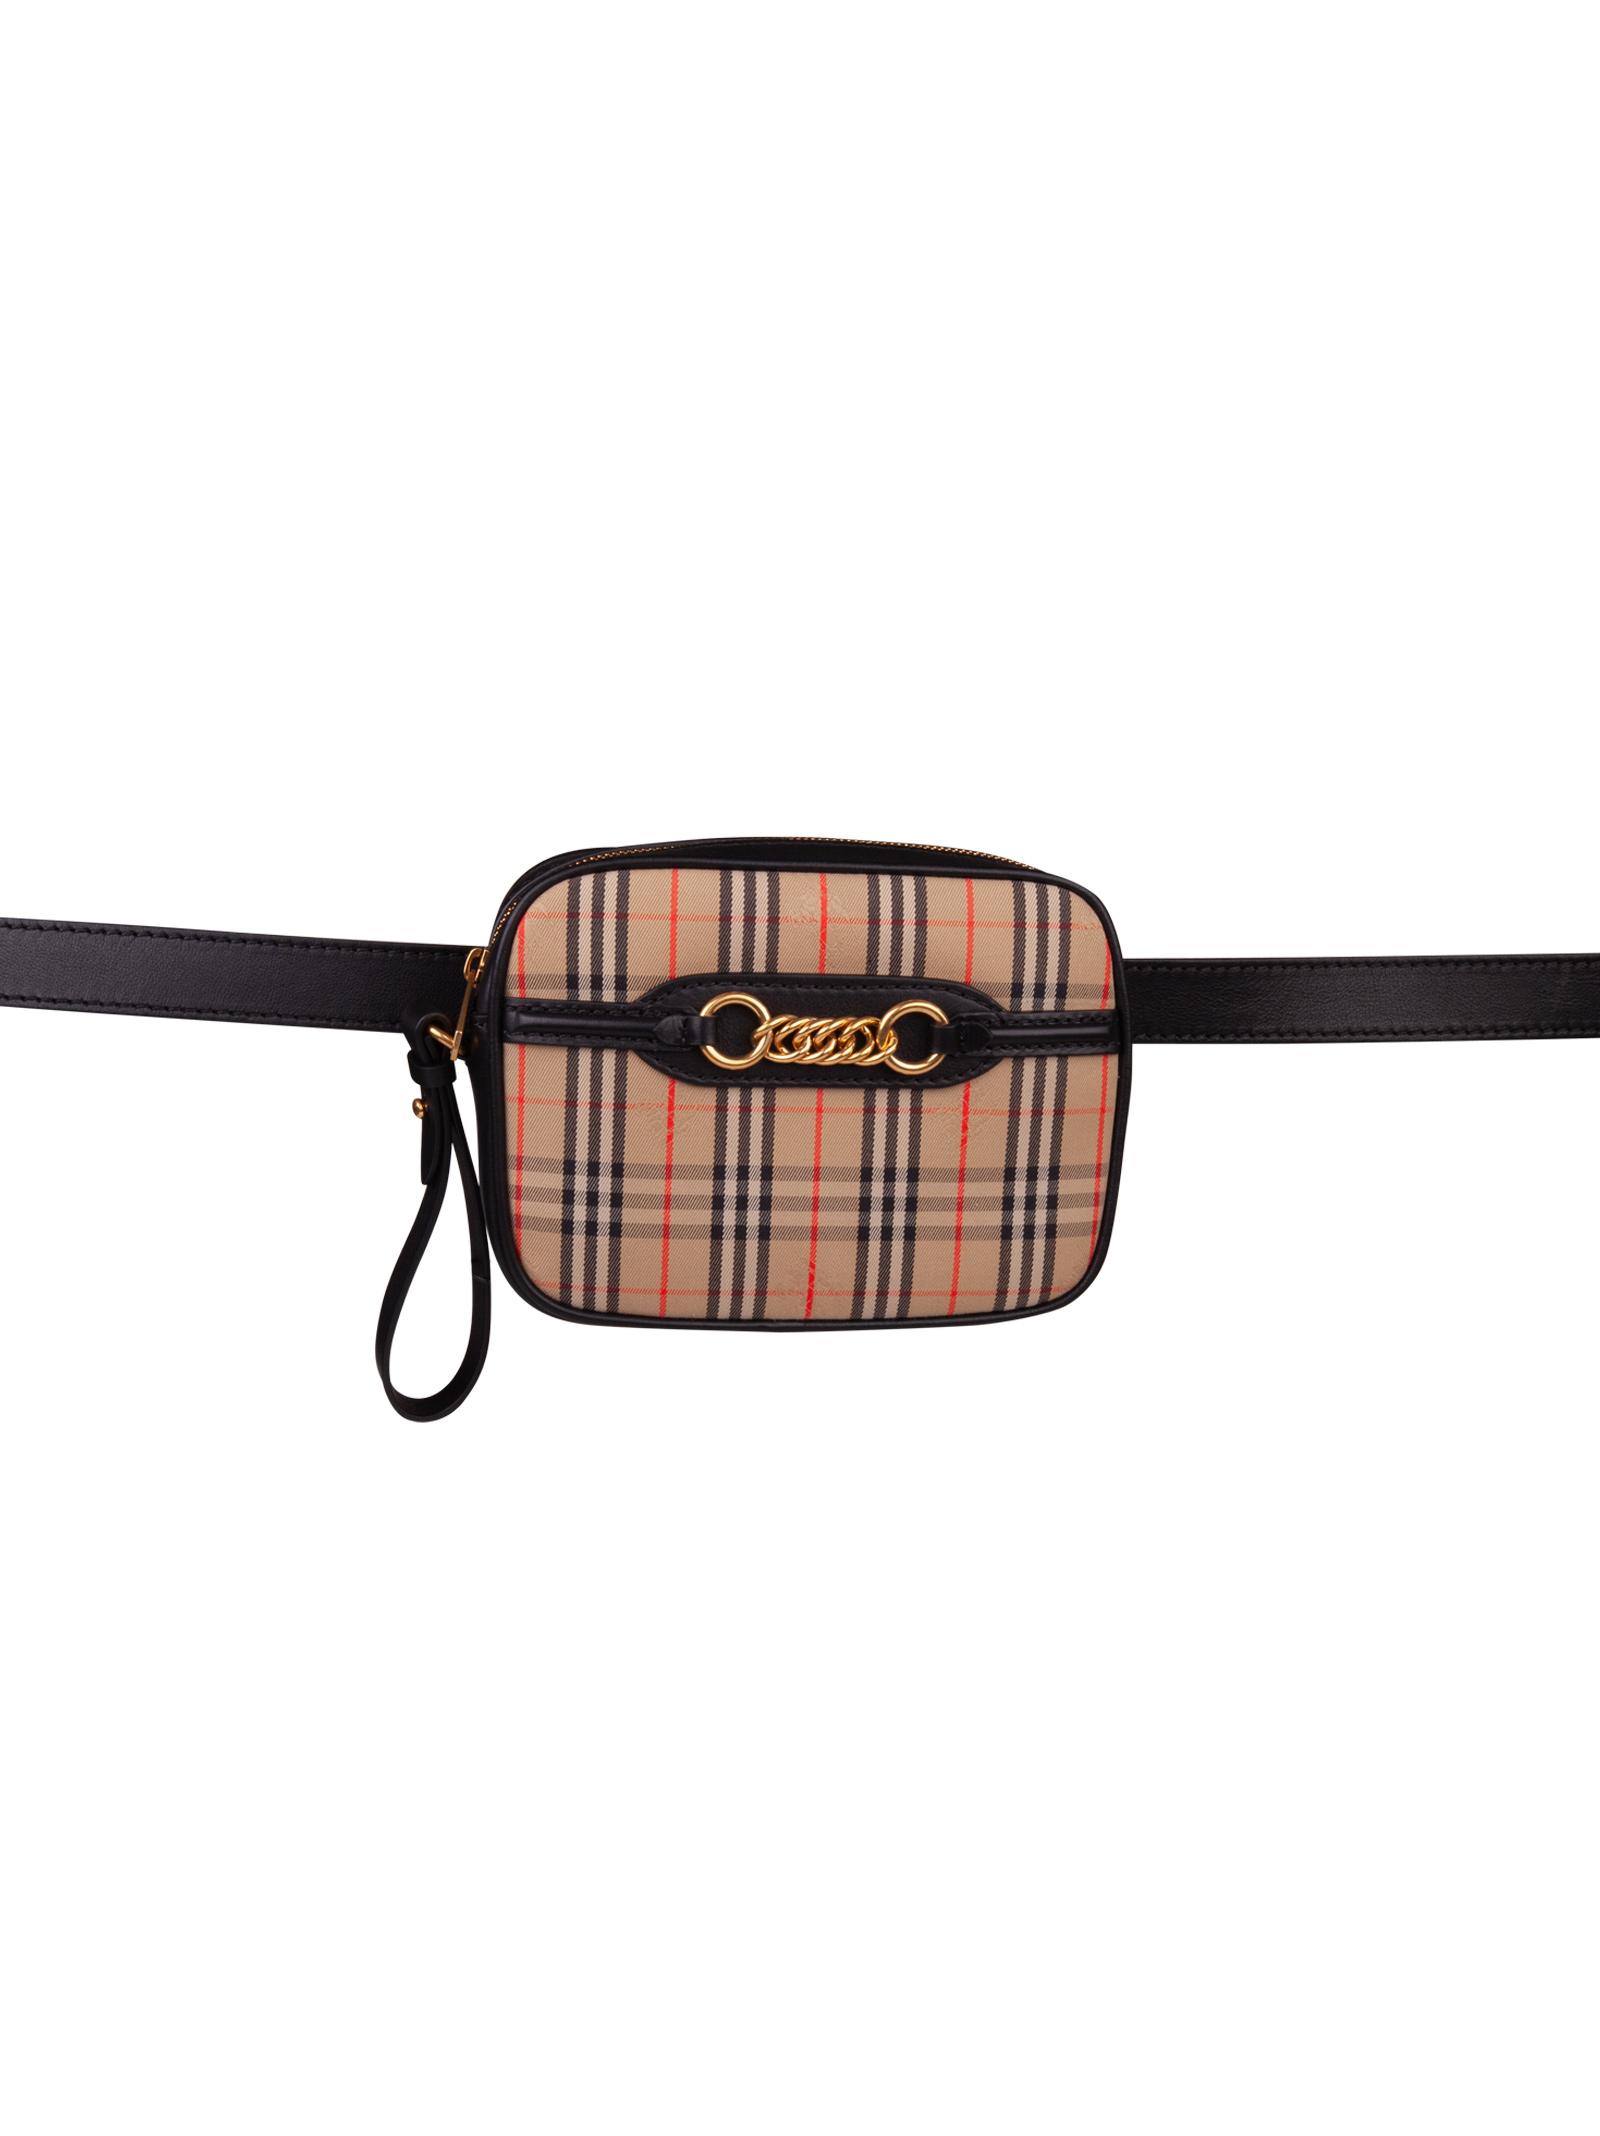 687d35d09853 Michele Franzese Moda. 0. Burberry belt bag BURBERRY